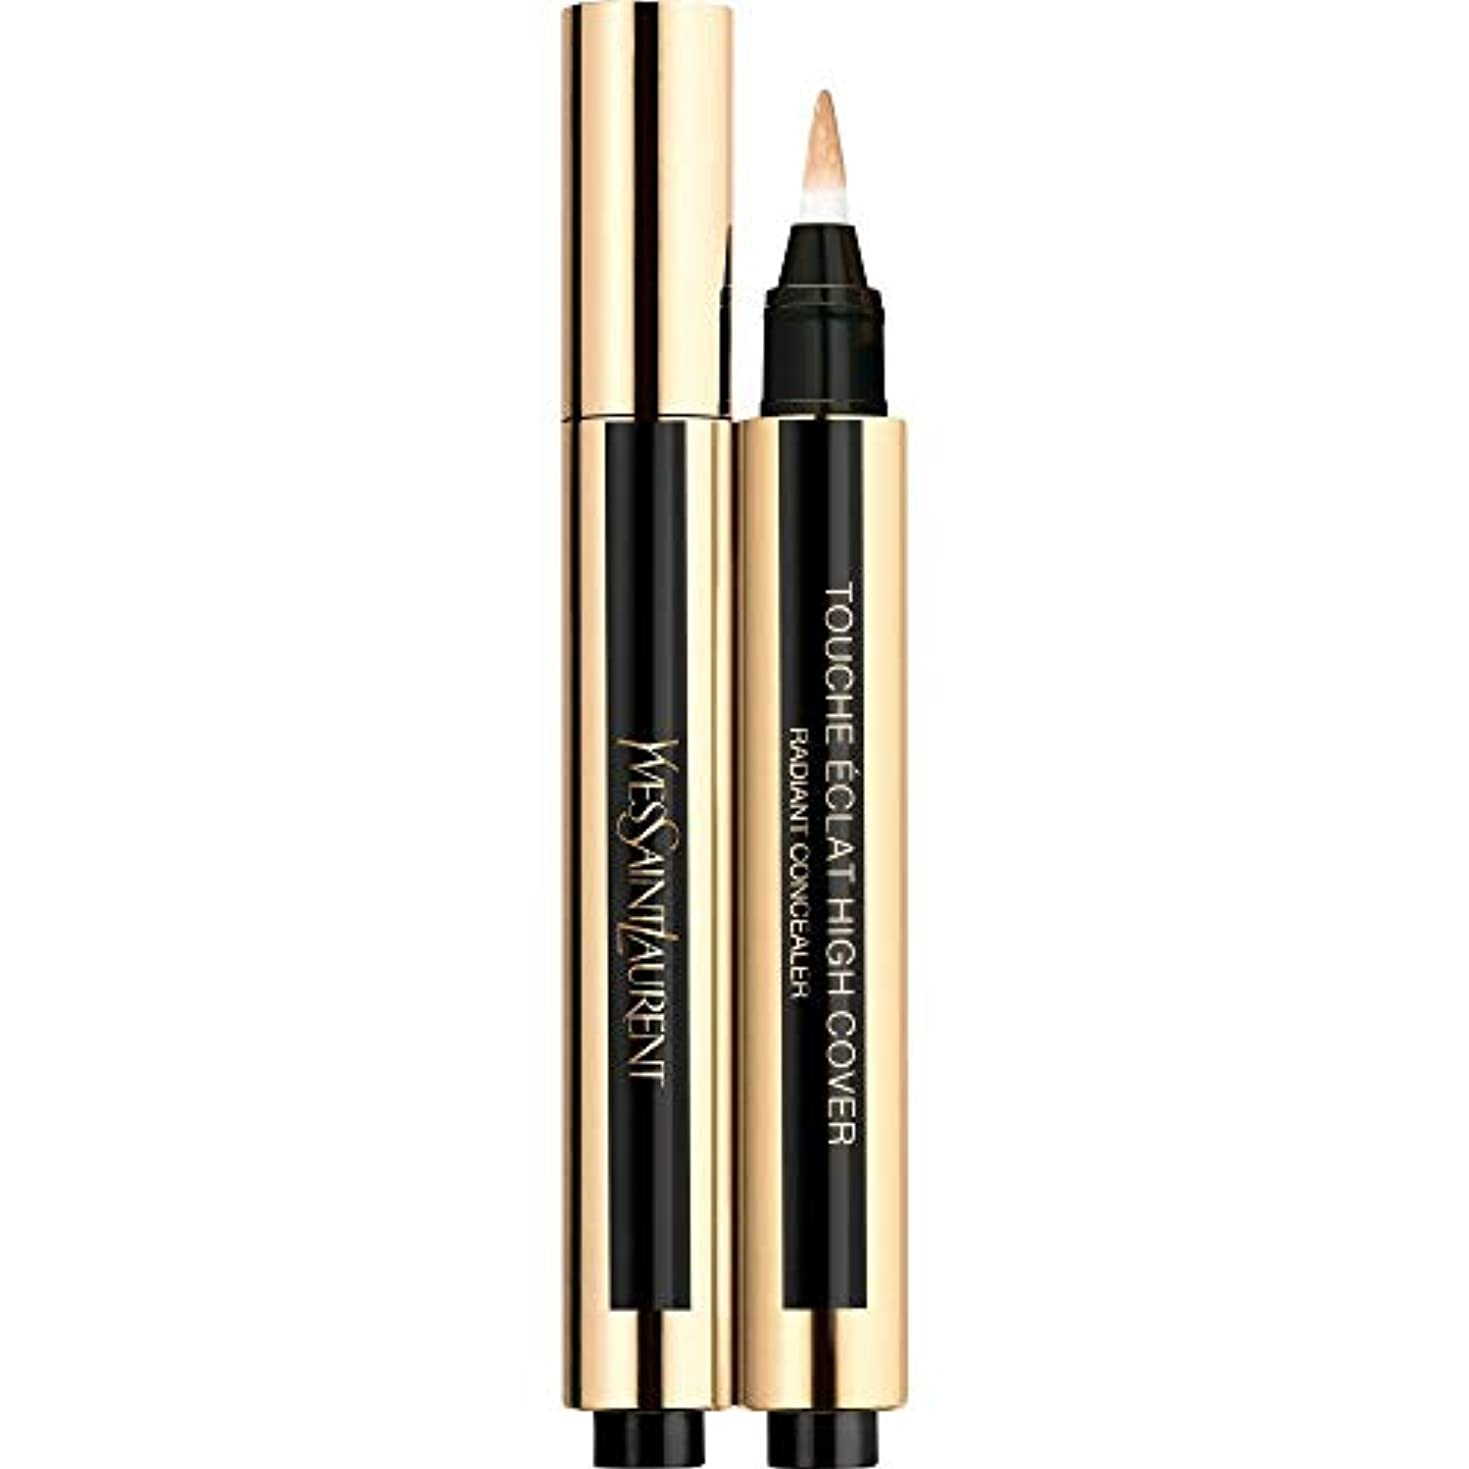 ファウル安西ビーチ[Yves Saint Laurent] イヴ・サンローランのトウシュエクラ高いカバー放射コンシーラーペン2.5ミリリットル3 - アーモンド - Yves Saint Laurent Touche Eclat High Cover Radiant Concealer Pen 2.5ml 3 - Almond [並行輸入品]